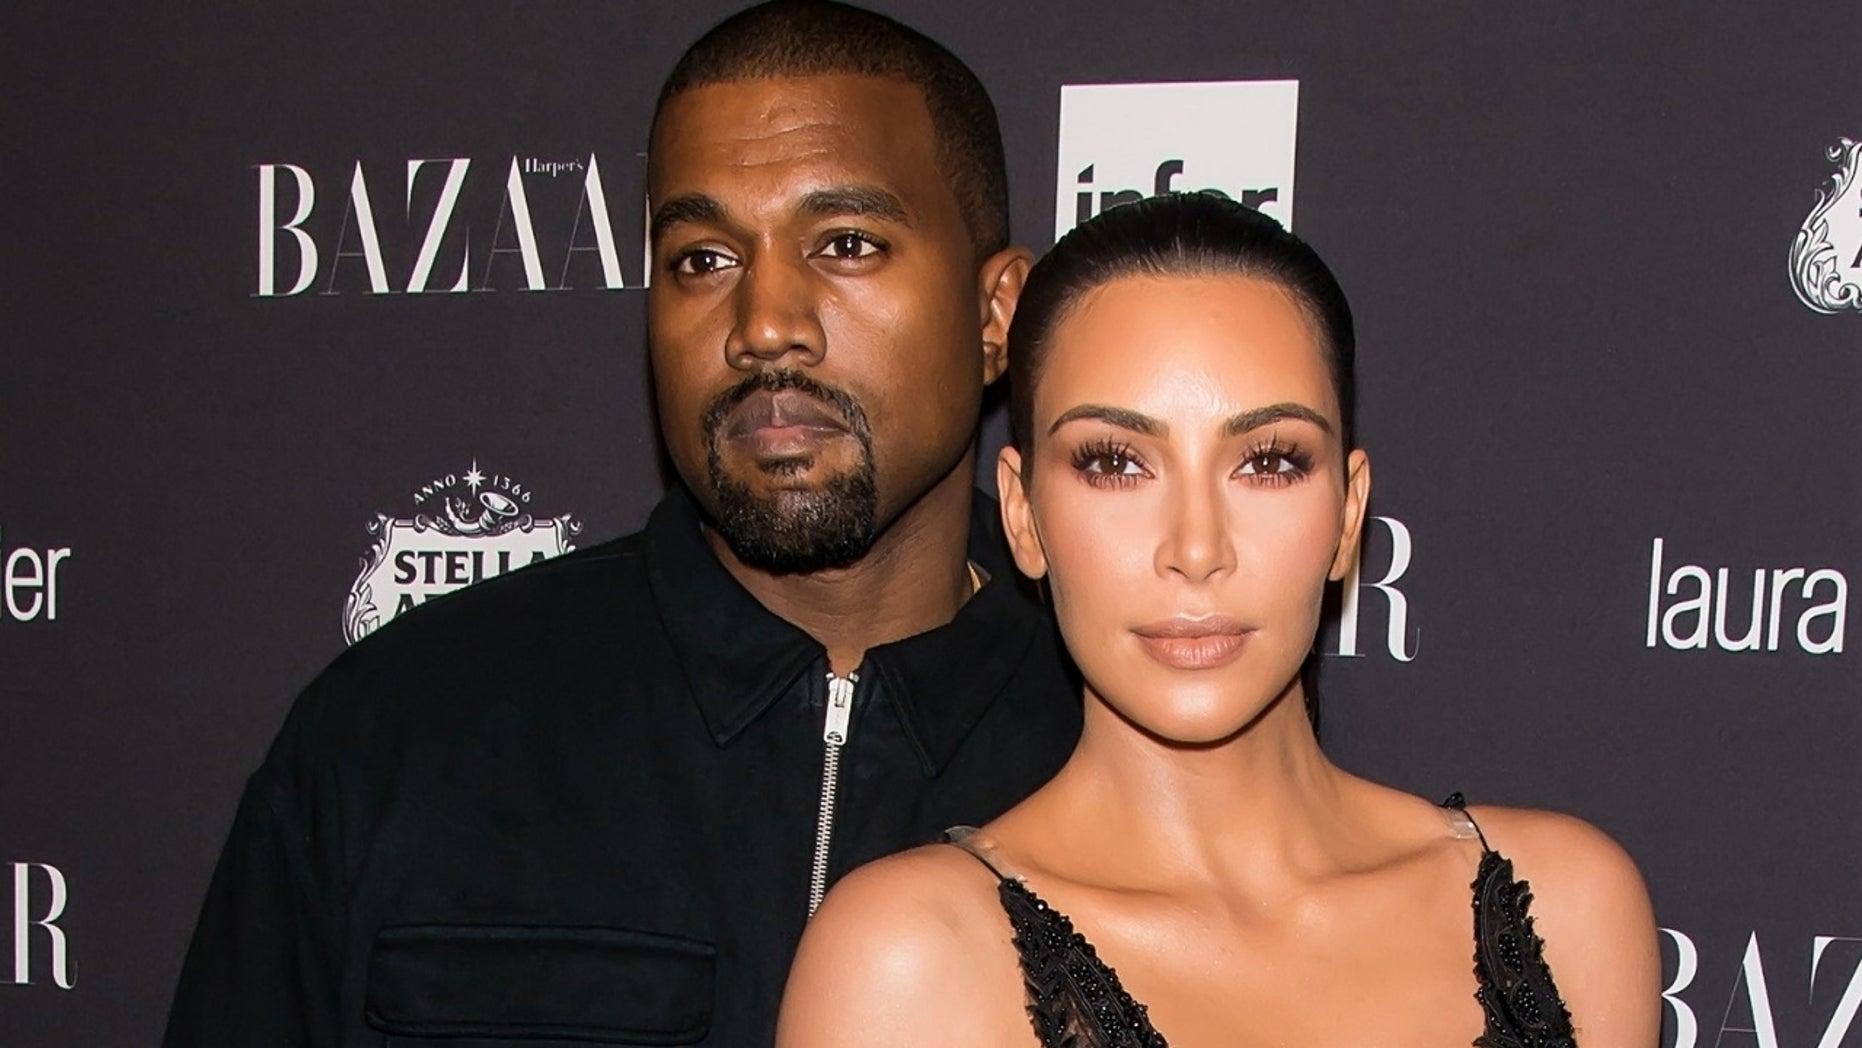 Kim moustache kardashian